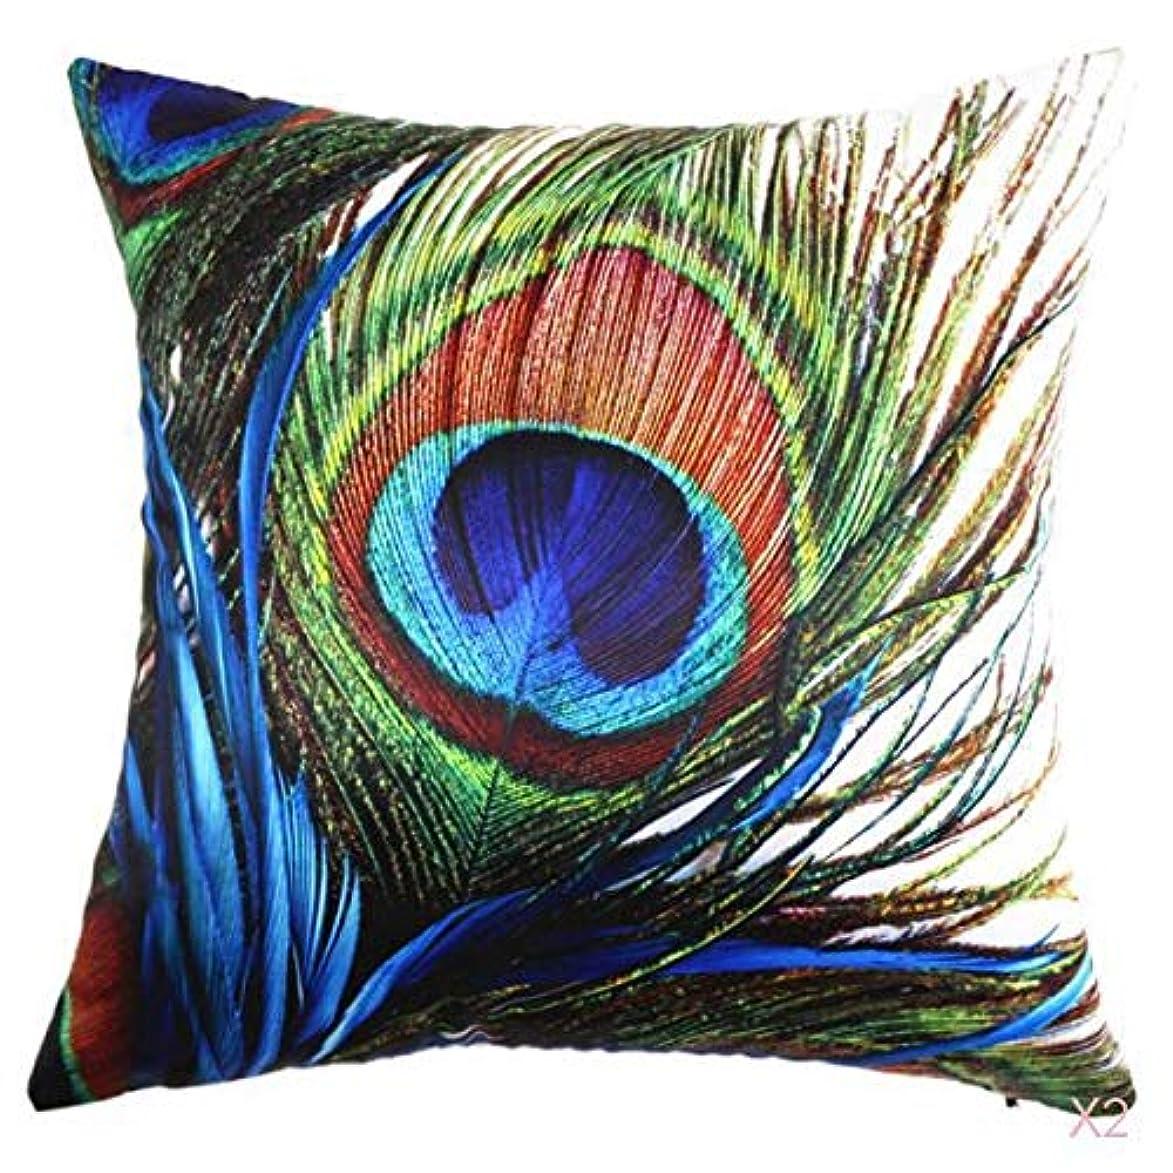 コンパニオン育成妖精45センチメートル家の装飾スロー枕カバークッションカバーヴィンテージ孔雀のパターン10